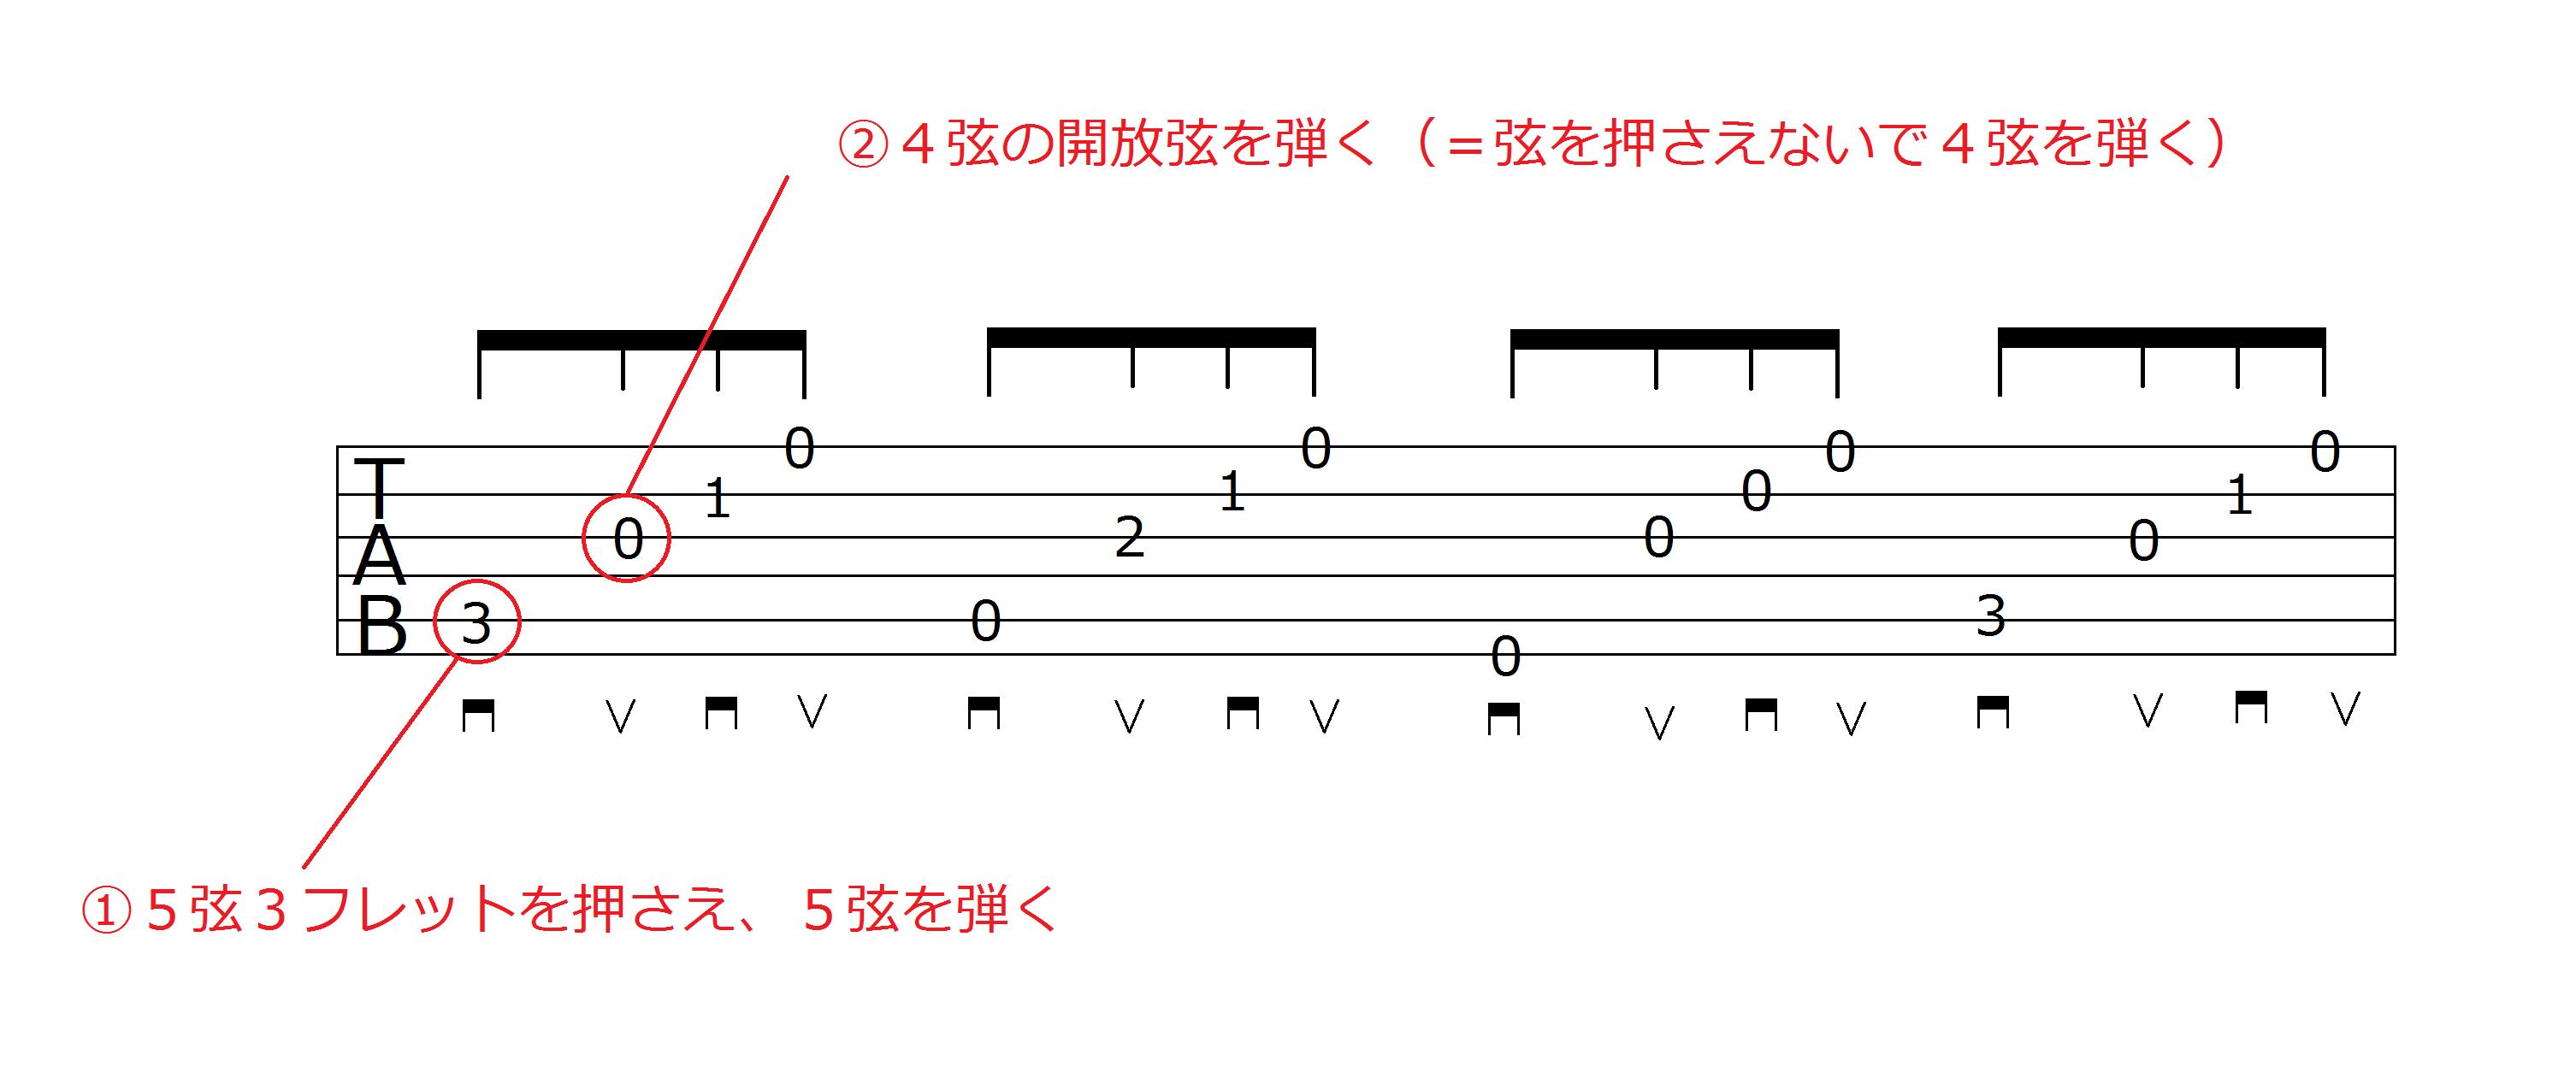 TAB譜の解説